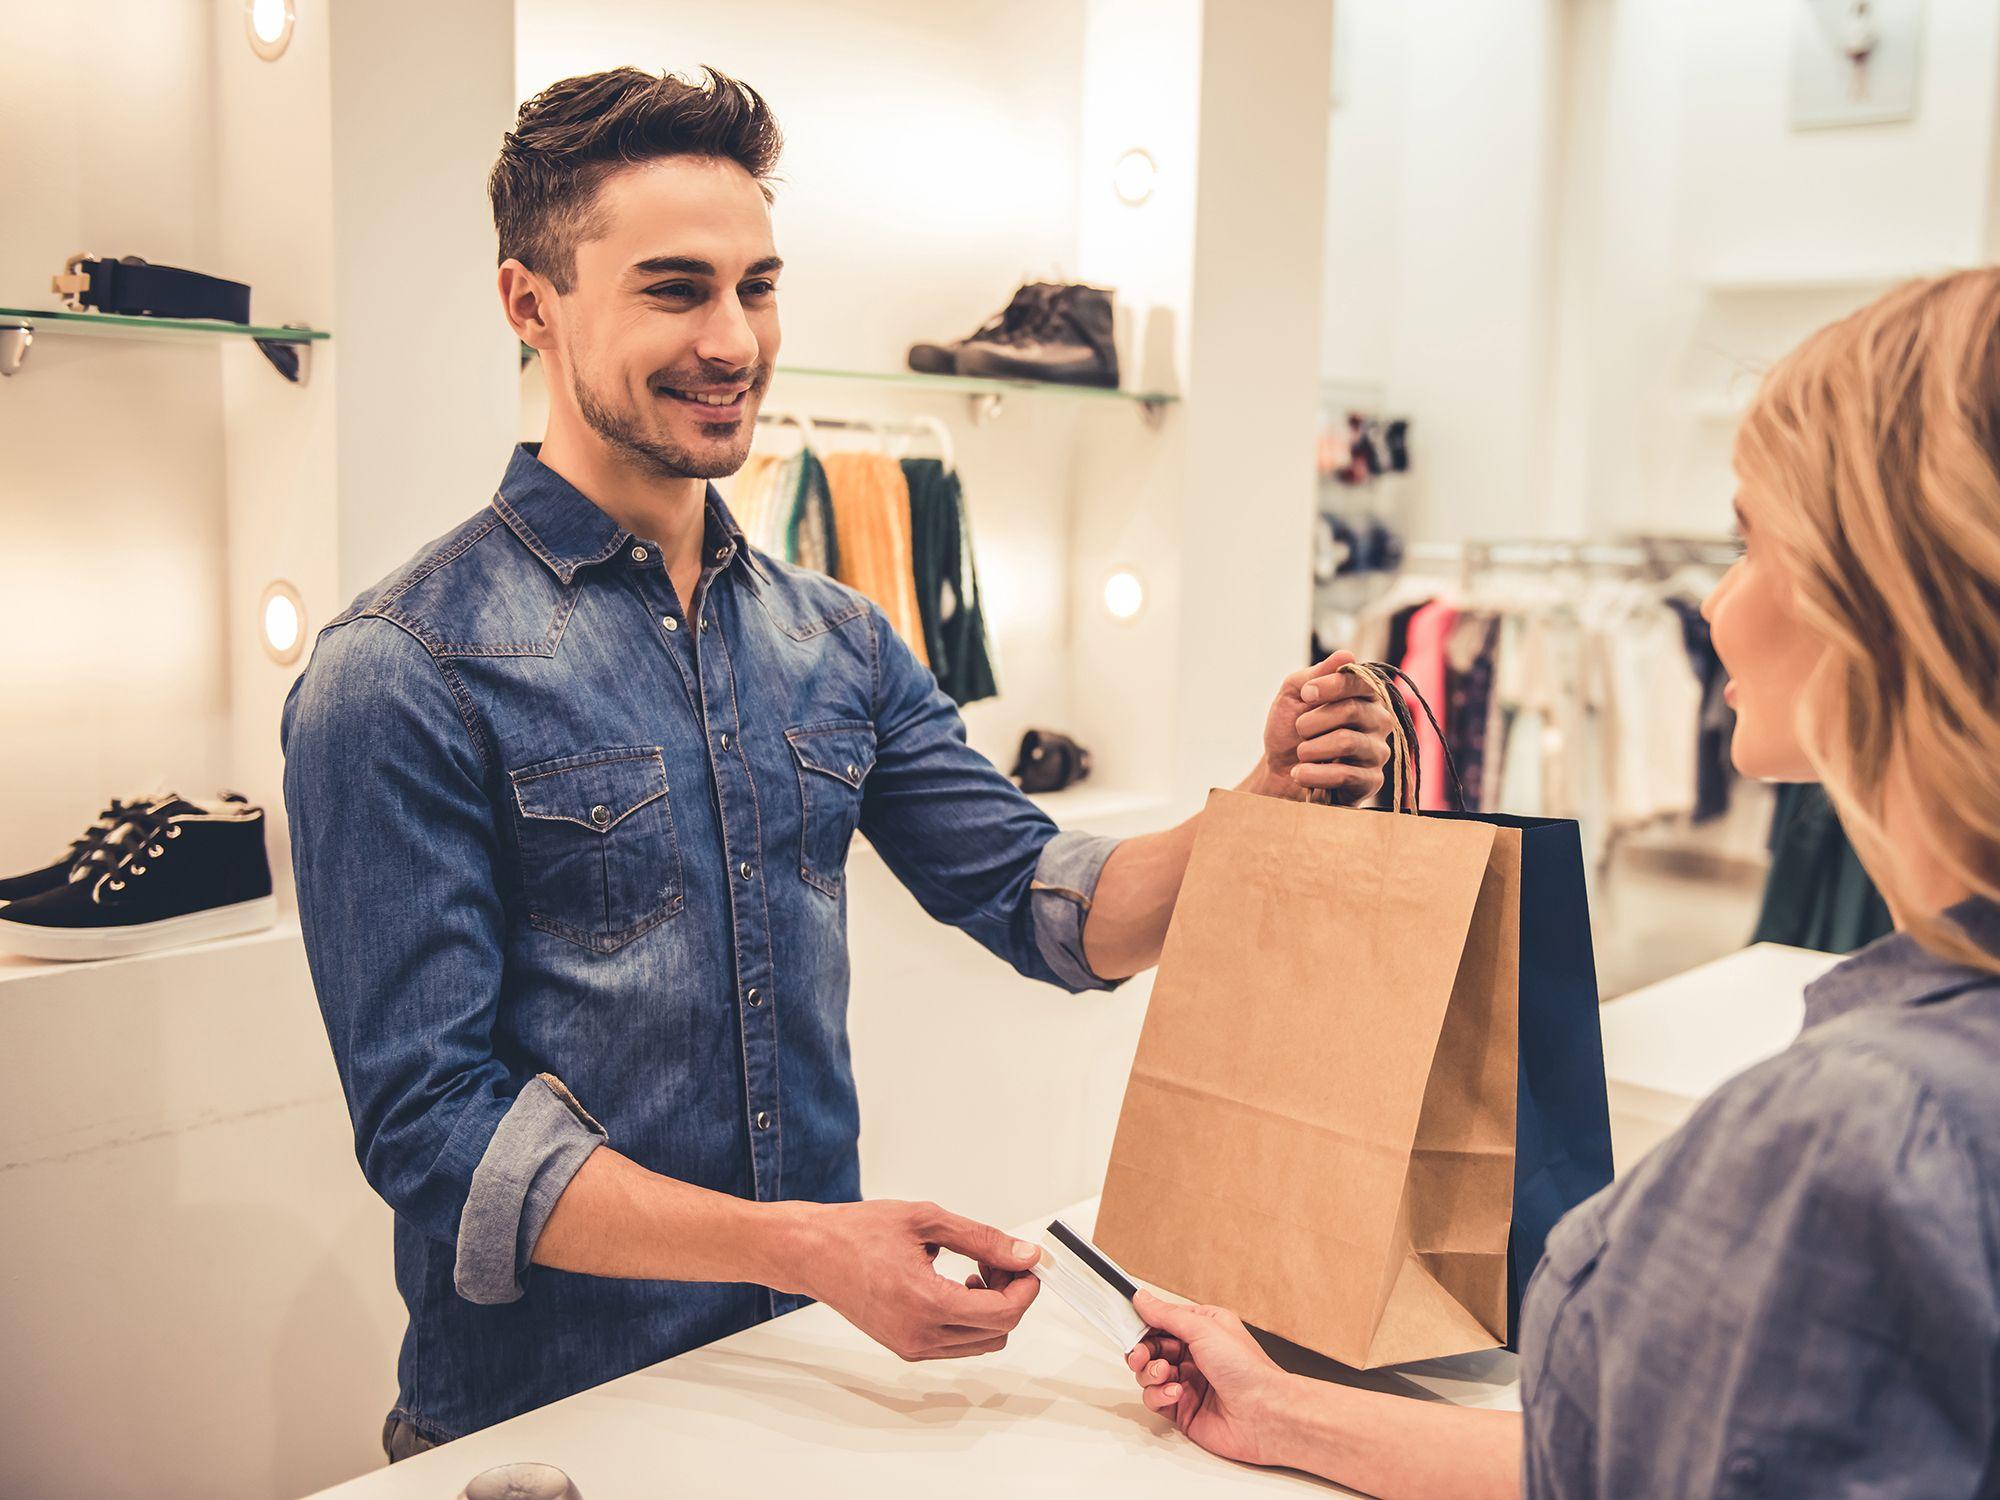 Level 2 - Verkäufer wie Verkaufsprofis, Verkaufstalente, Textilverkäufer, Bäckereiverkäufer, Elektronikverkäufer, Fachverkäufer, Verkaufsberater, Verkaufsmanager, Verkauf Aushilfen, Vertriebsprofis, Verkaufsexperten, Verkaufsmitarbeiter und Vertriebler zwecks direkter Personalvermittlung oder Zeitarbeit per Arbeitnehmerüberlassung und Personalüberlassung für den Einzelhandel, Kundenservice, Kundenbetreuung, Kundenbindung, Außenhandel, Außendienst, Vertrieb, Direktvertrieb, Vertriebsberatung, Verkaufsförderung, Absatzförderung, Verkaufsinnendienst, Verkaufsabteilung und Großhandel finden und buchen